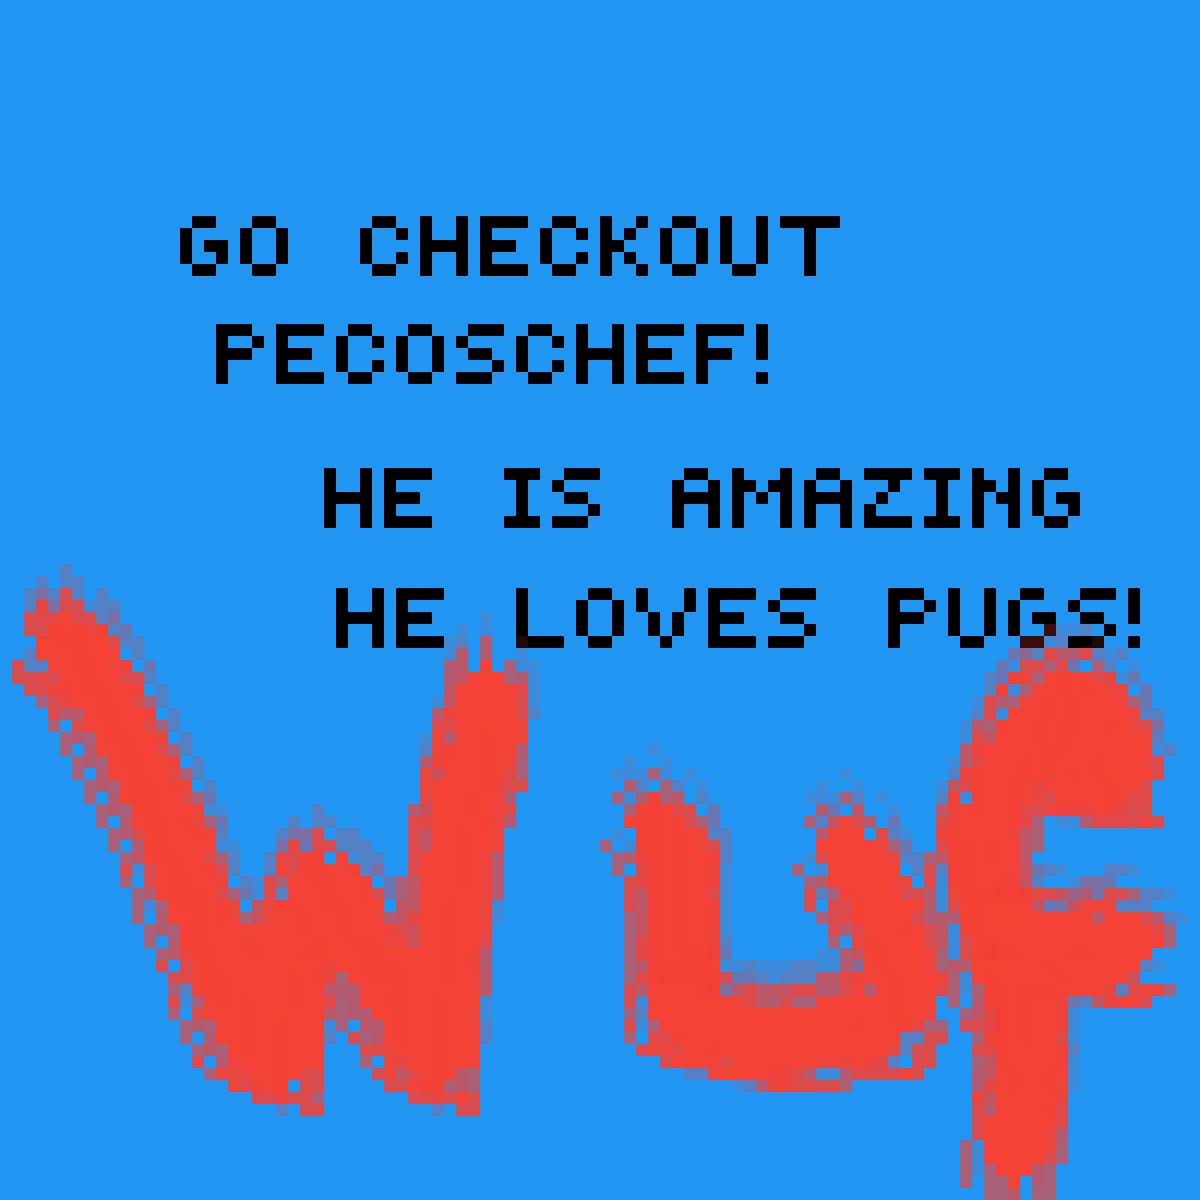 Go checkout pecoschef by pugsarethebest